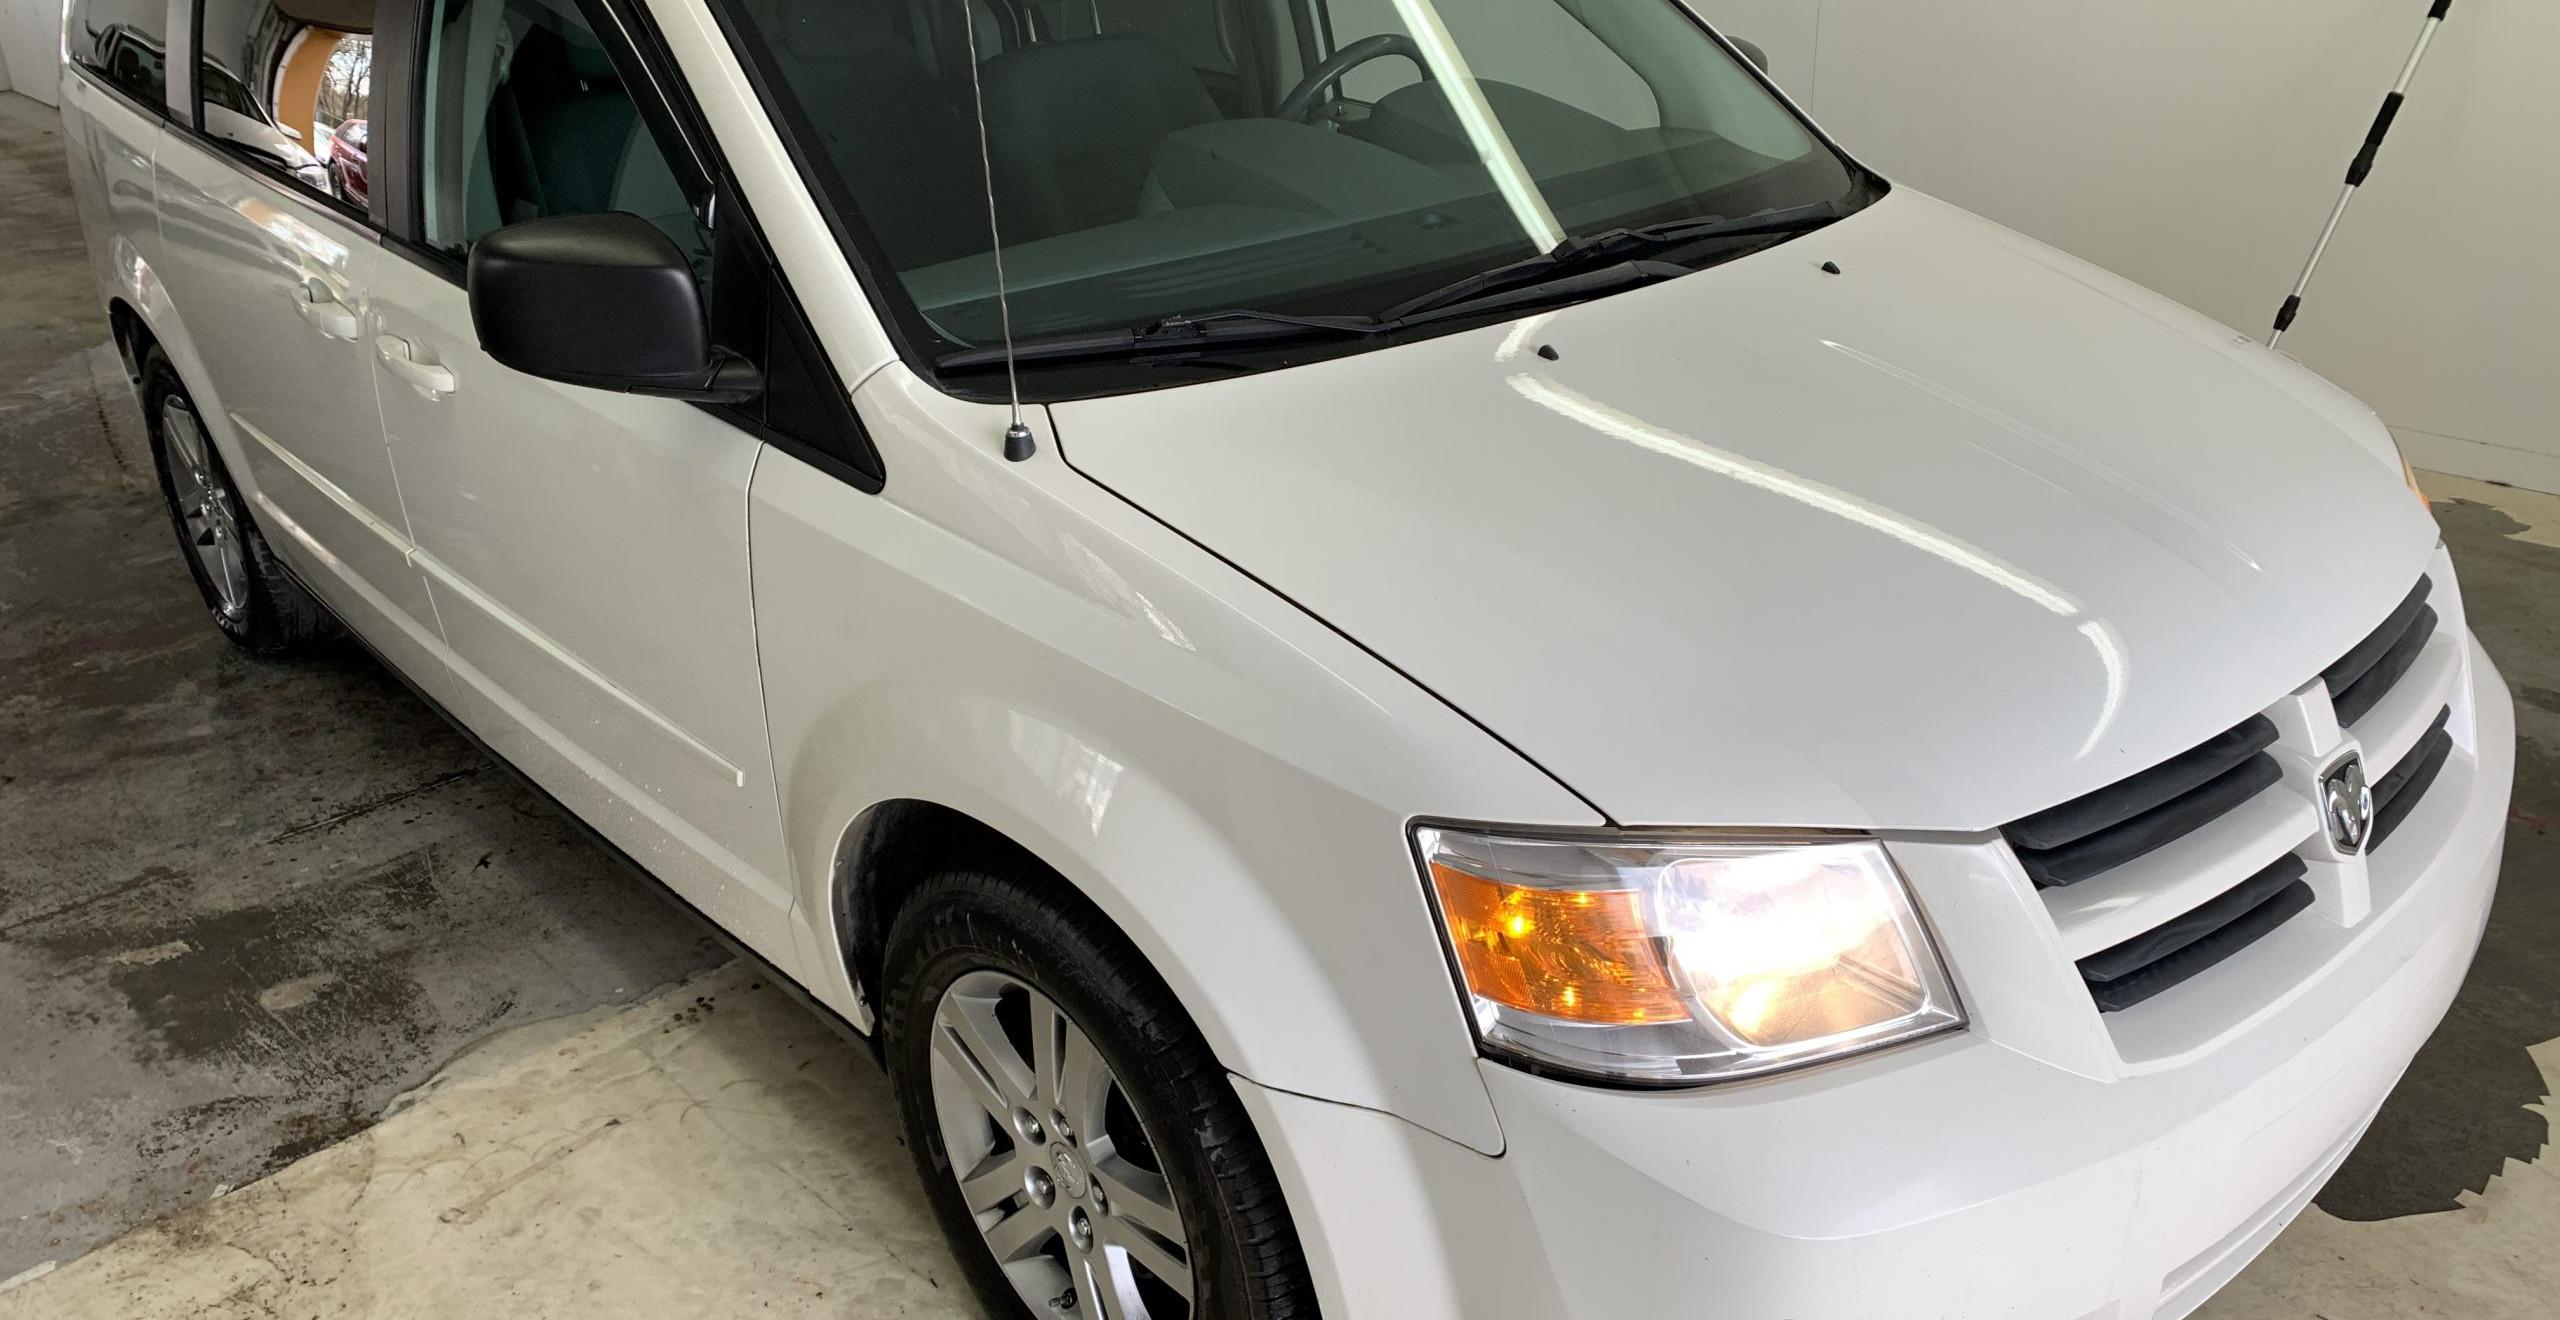 À venir! Dodge Grand Caravan SE 2010, 7 passagers *stow and go*